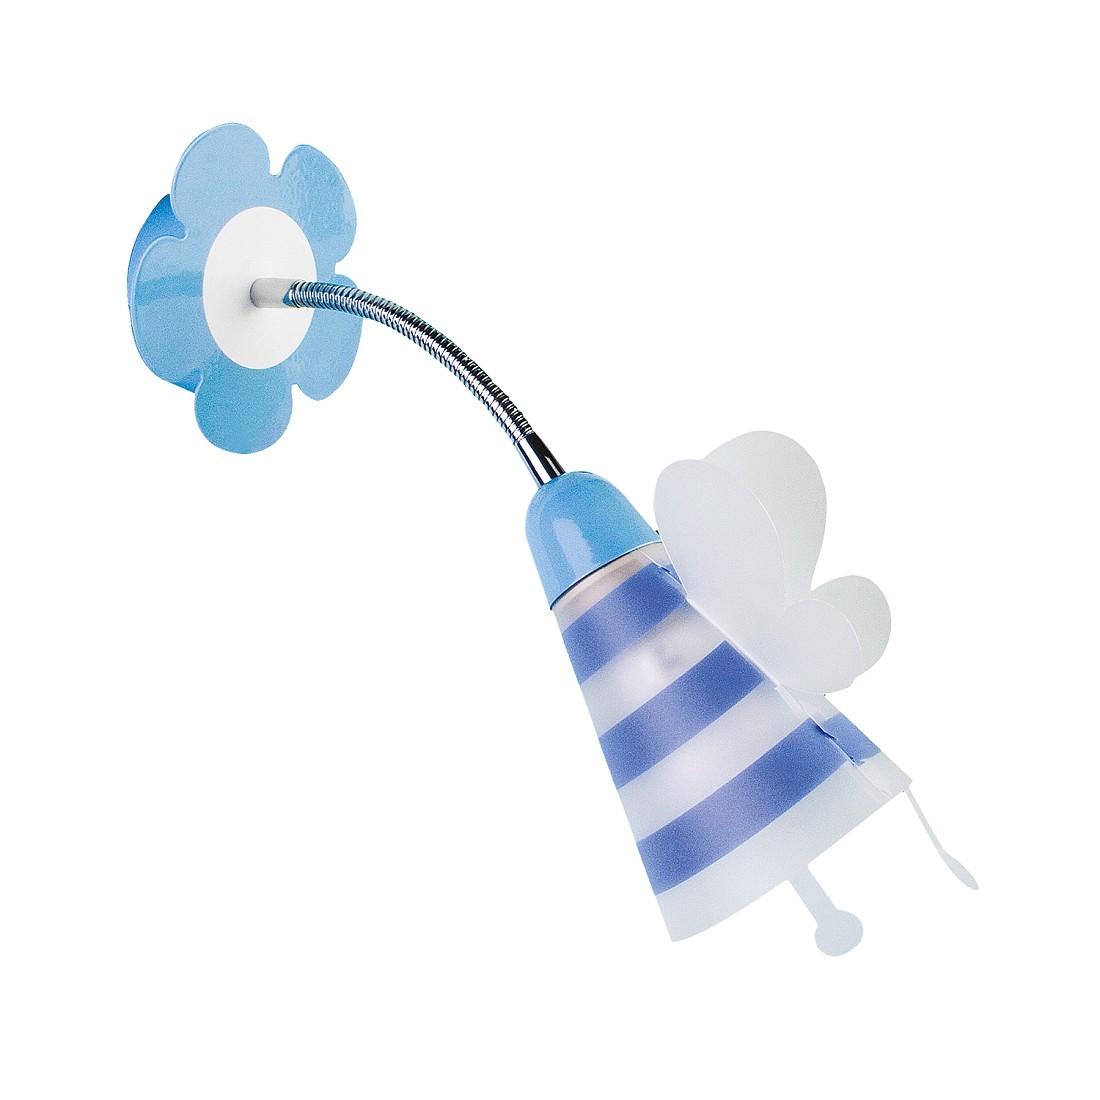 energie  A++, Wandlamp Fly - metaal/kunststof blauw 1 lichtbron, Näve